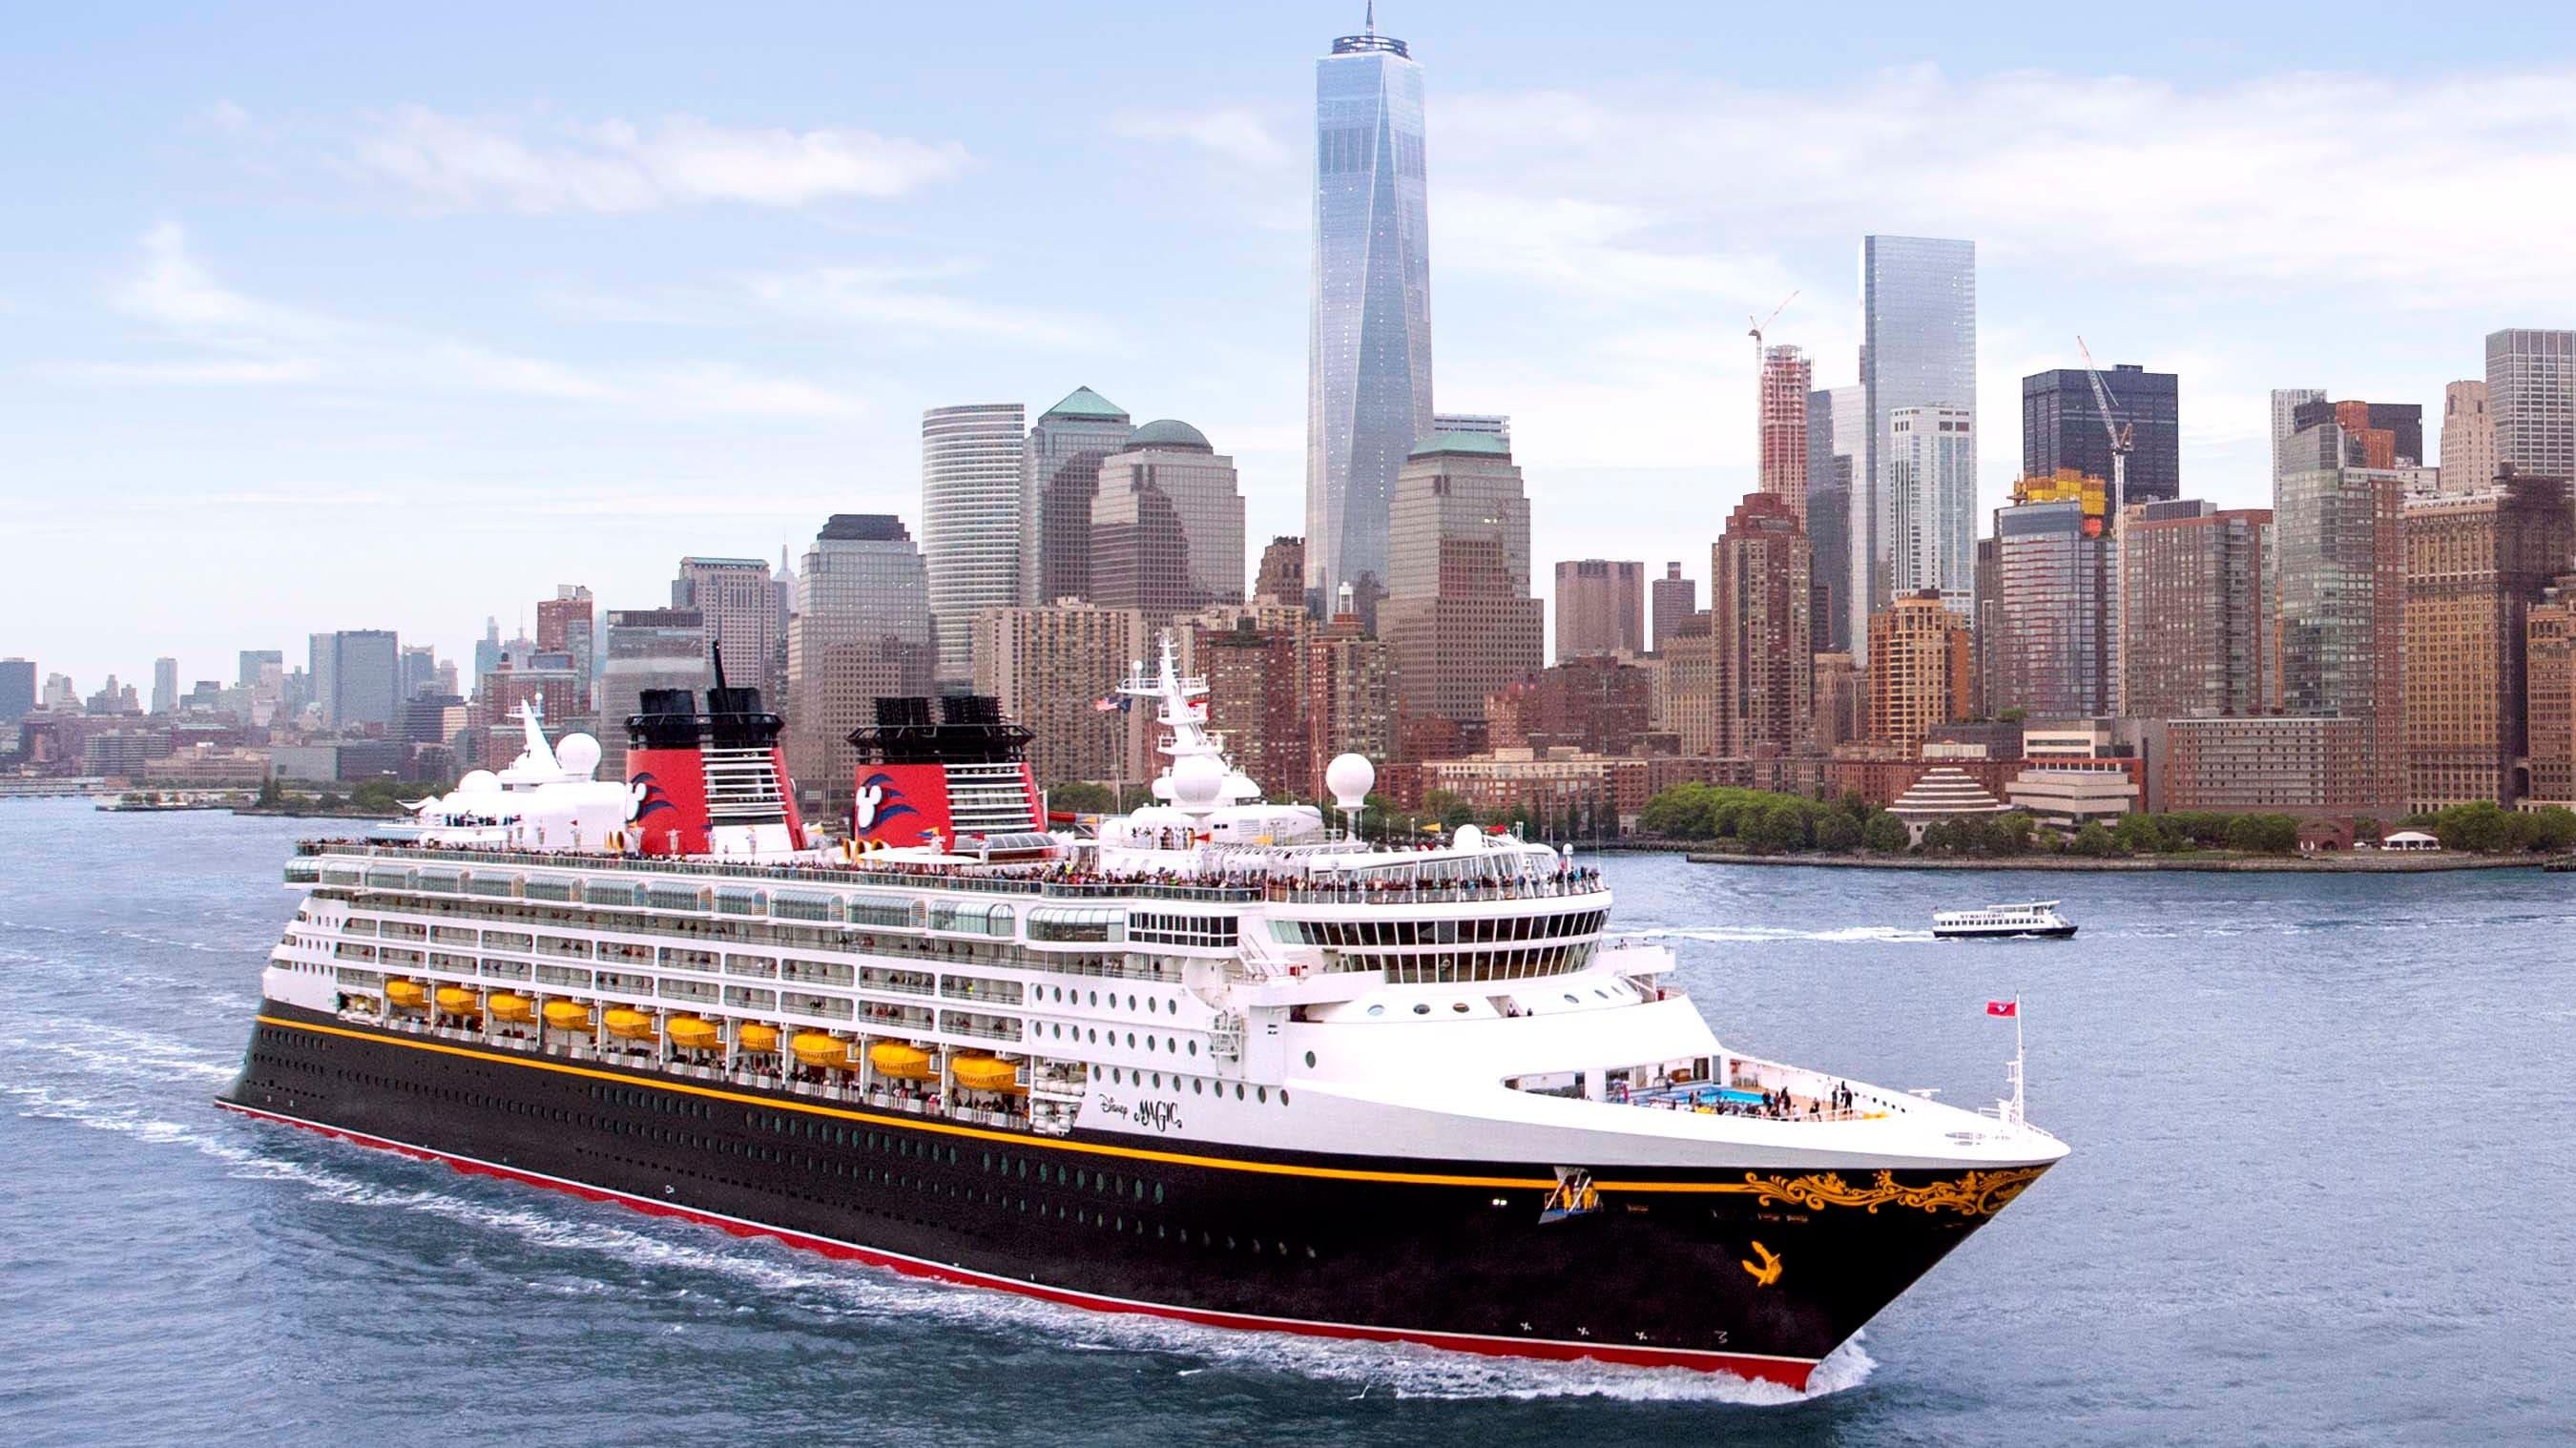 Um navio da Disney Cruise Line passa em frente a prédios assimétricos na cidade de Nova York.